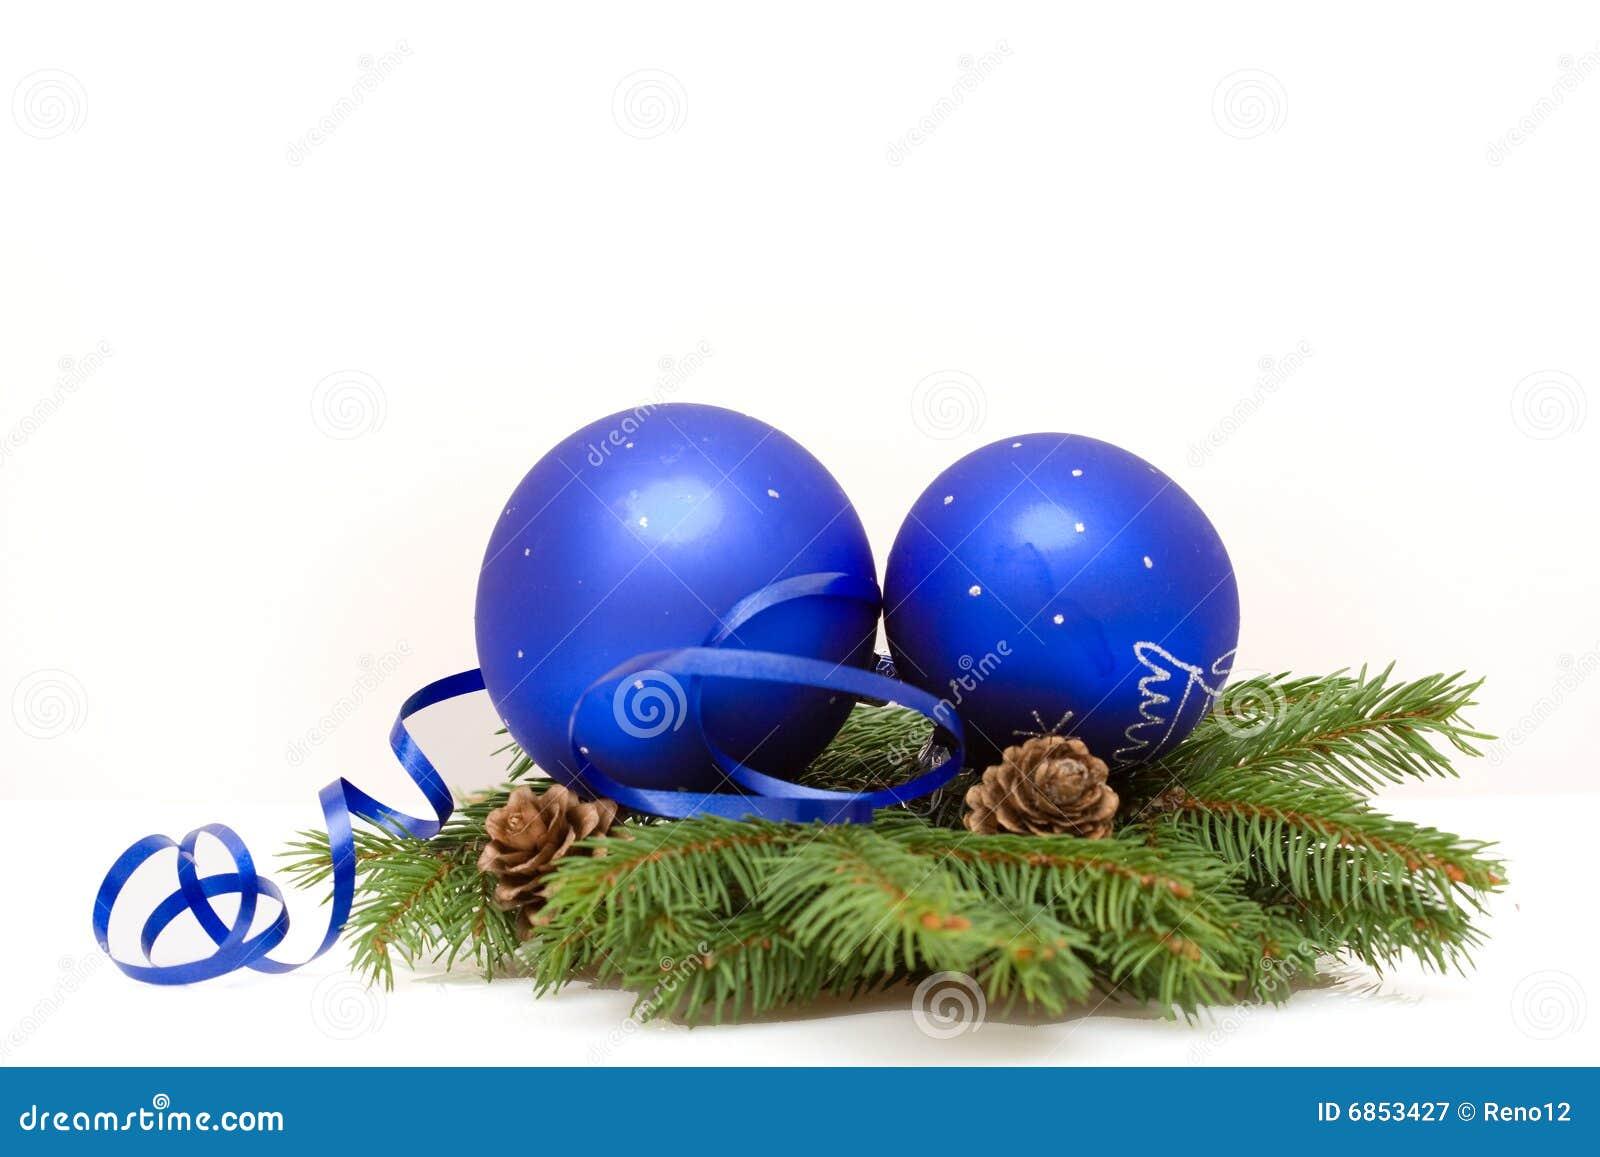 De blauwe decoratie van kerstmis royalty vrije stock fotografie afbeelding 6853427 - Blauwe turquoise decoratie ...